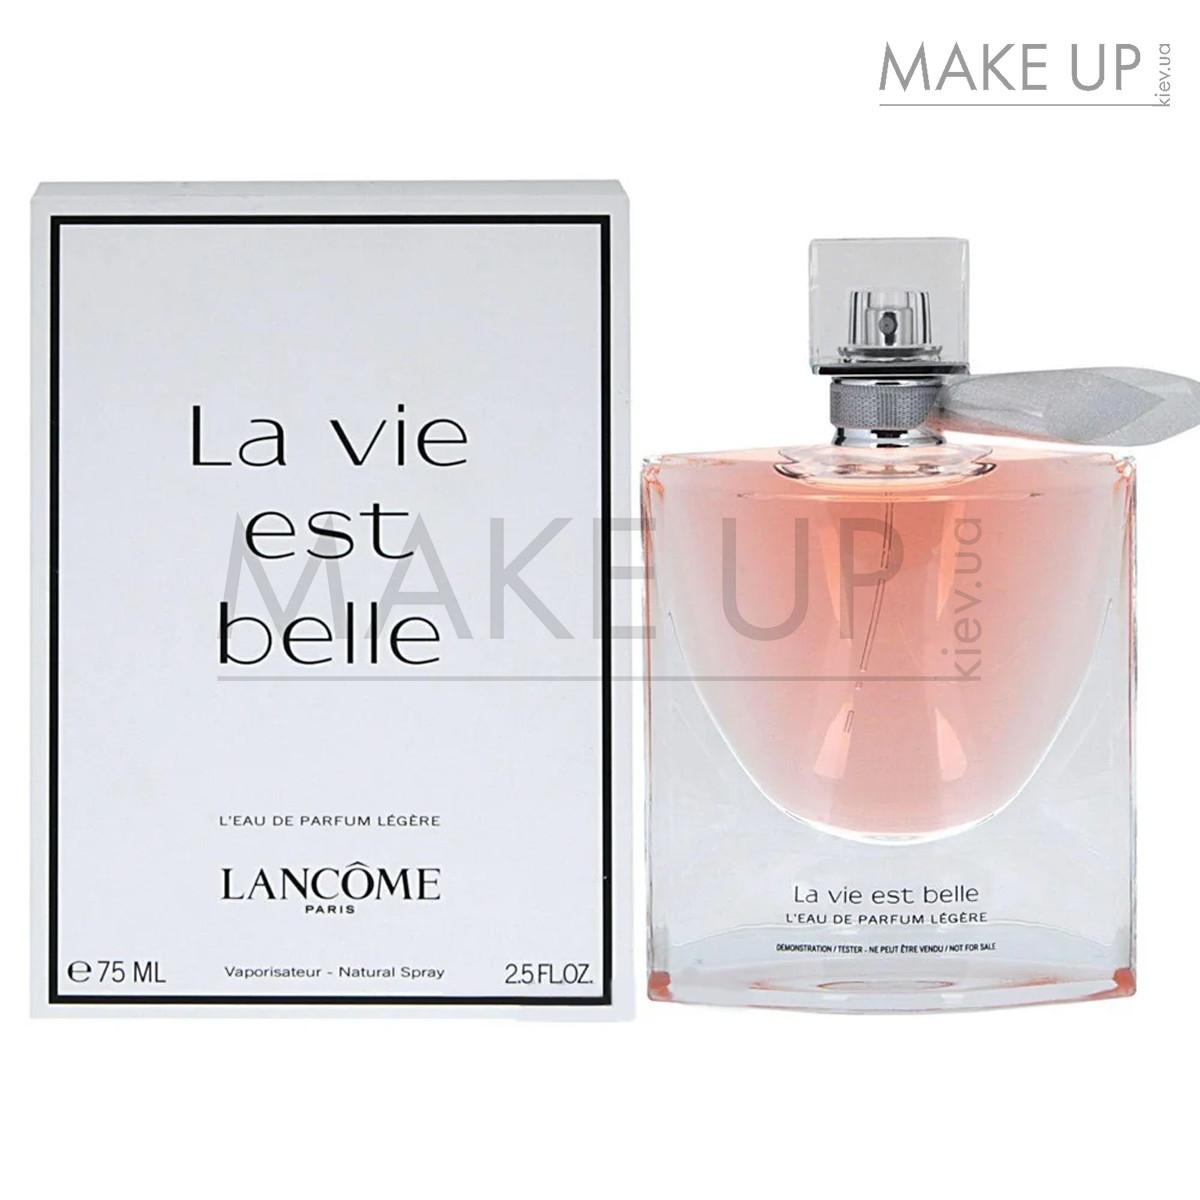 Женская парфюмированная вода Lancome La vie est Belle EDP 75 мл. | Лицензия Объединённые  Арабские Эмираты